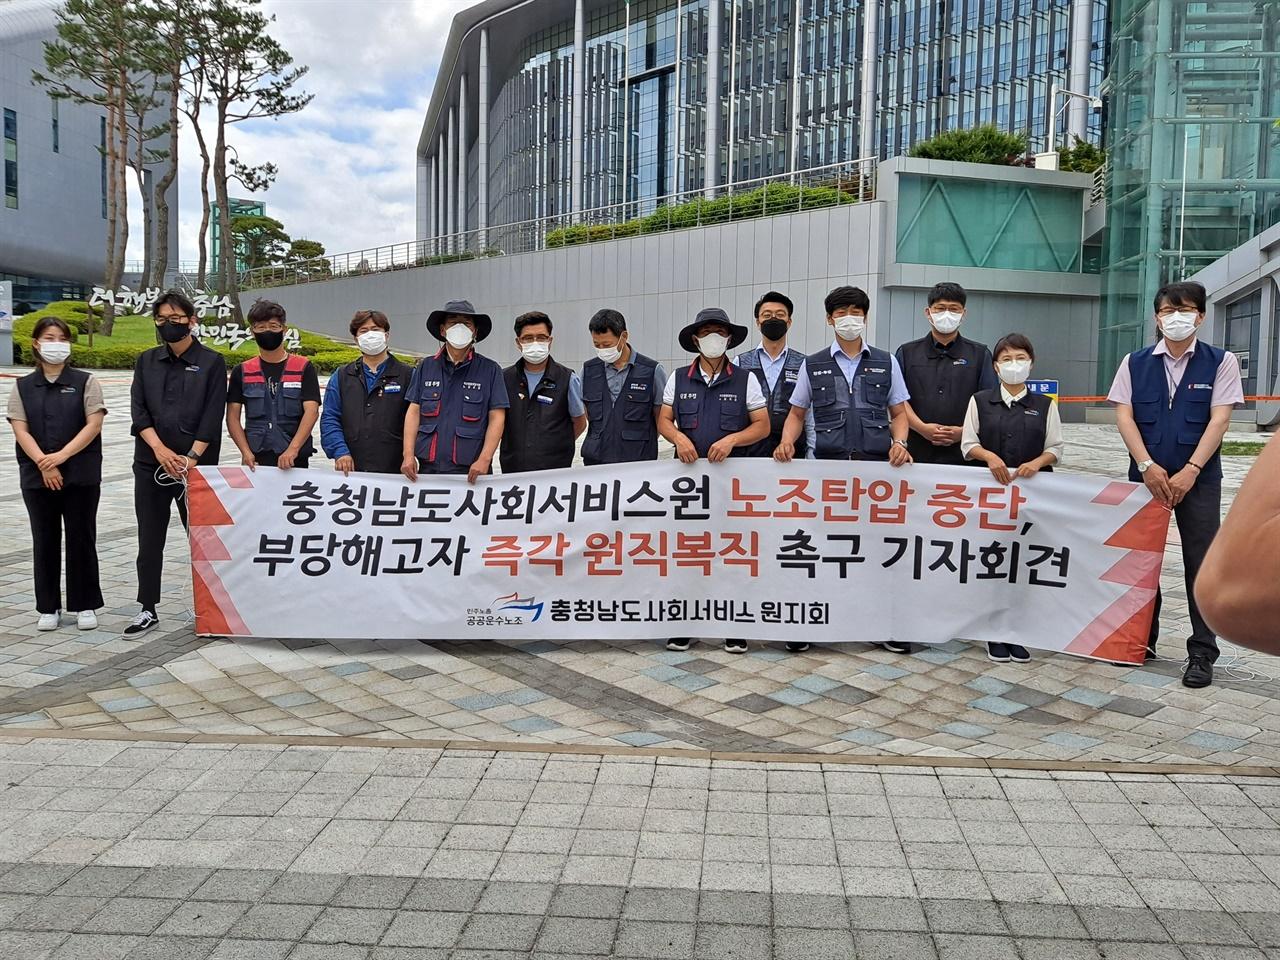 16일 충남사회서비스원 지회는 충남도청 앞에서 집회와 기자회견을 열고 노조 탄압 중단을 촉구했다.